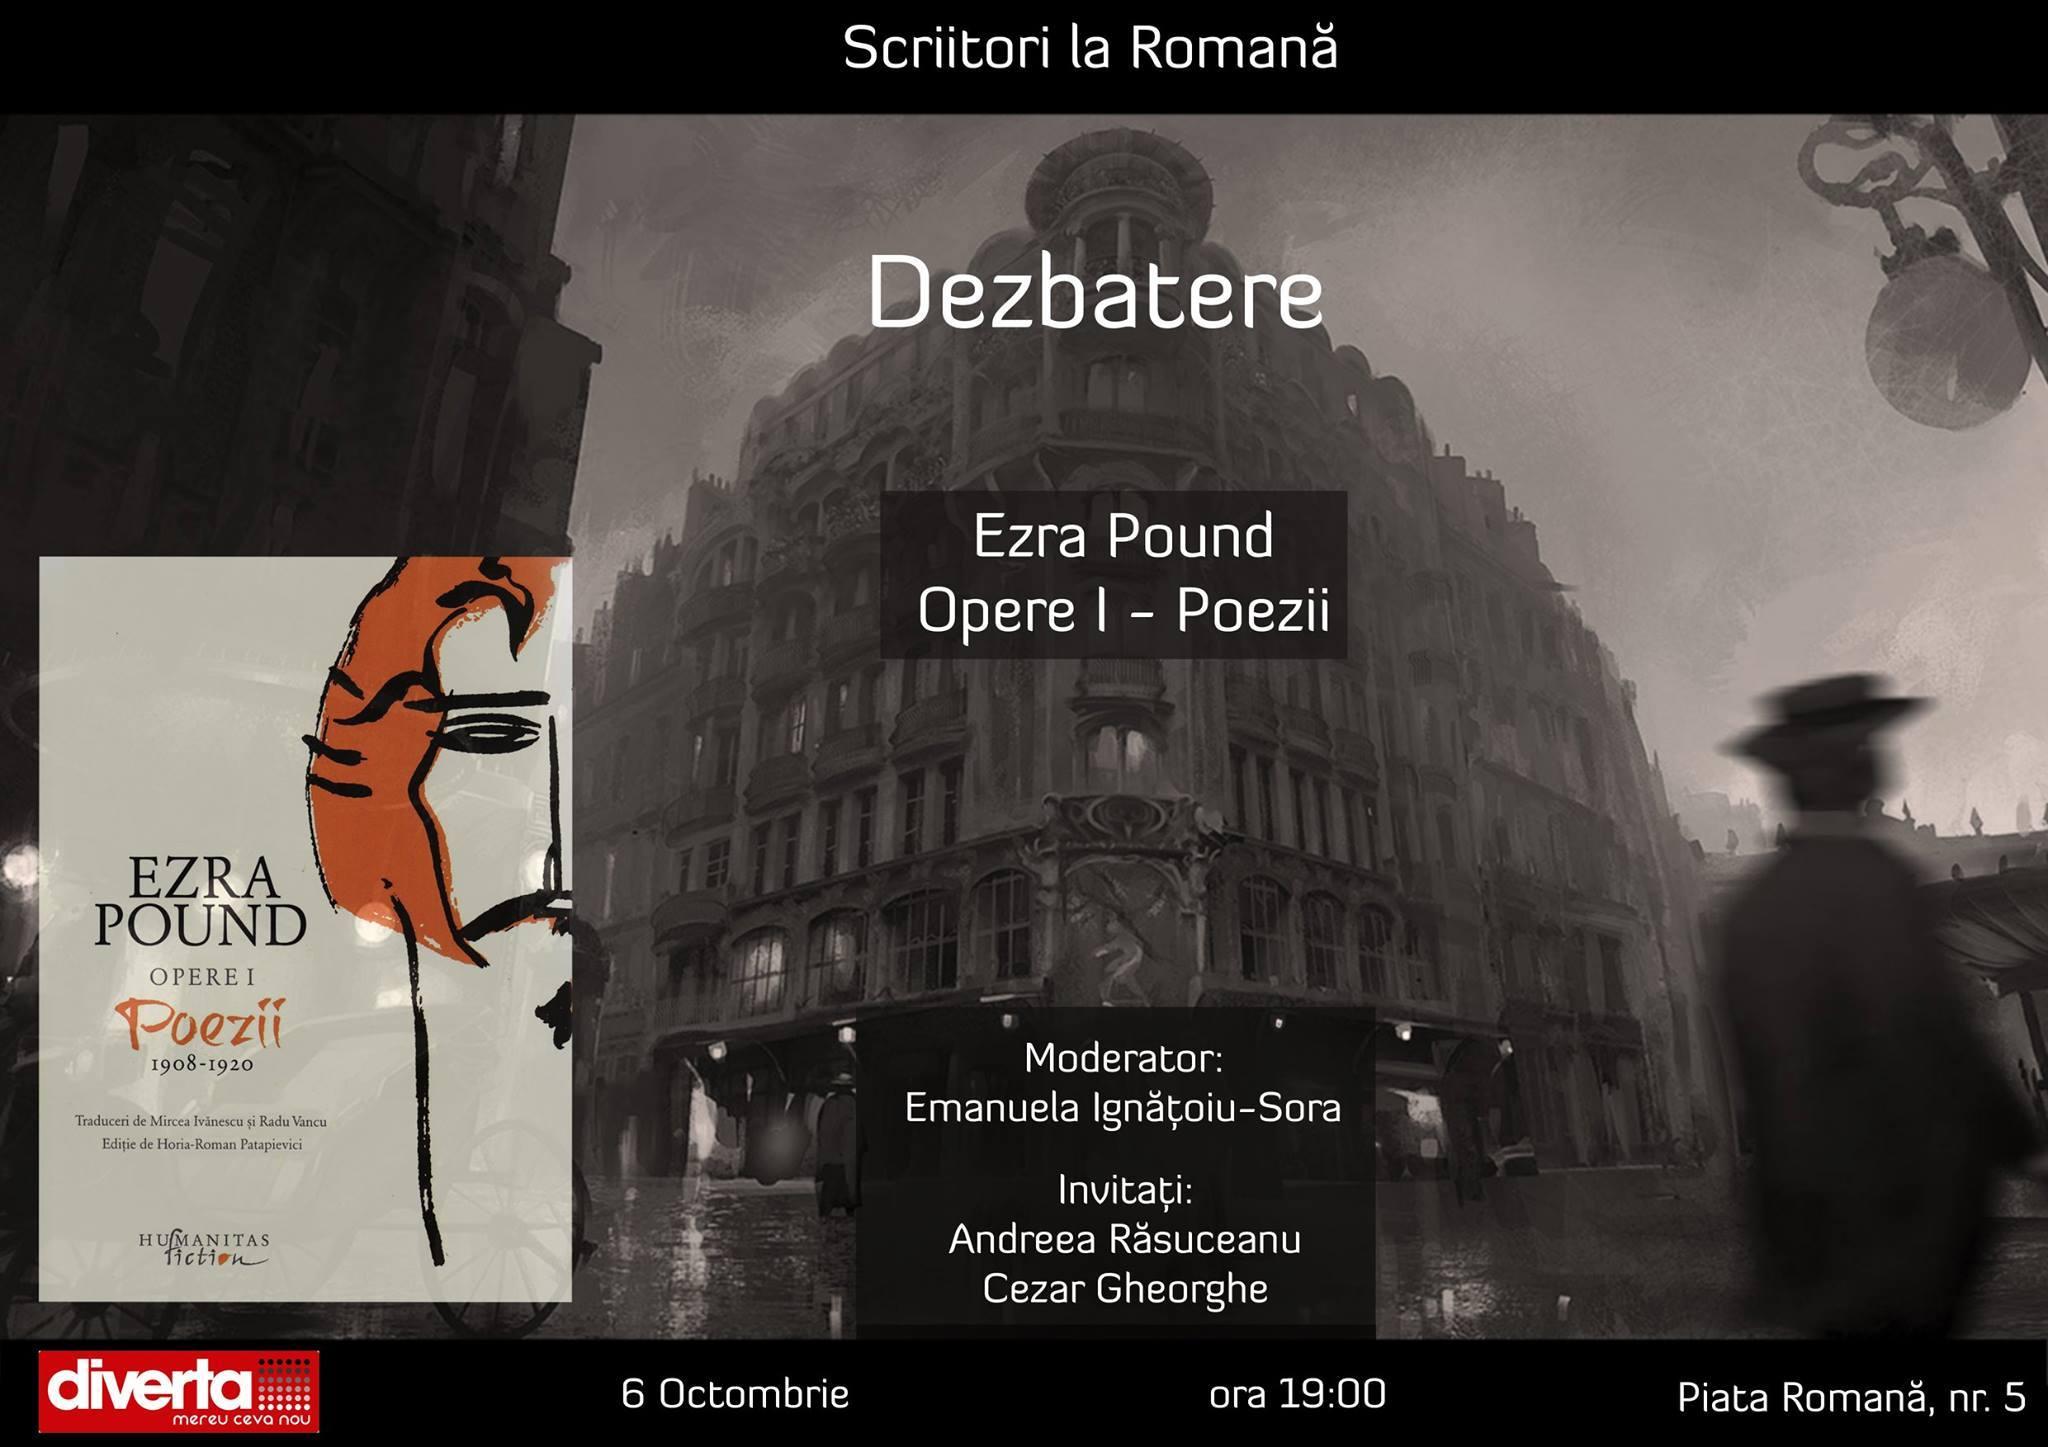 Scriitorii la Romană